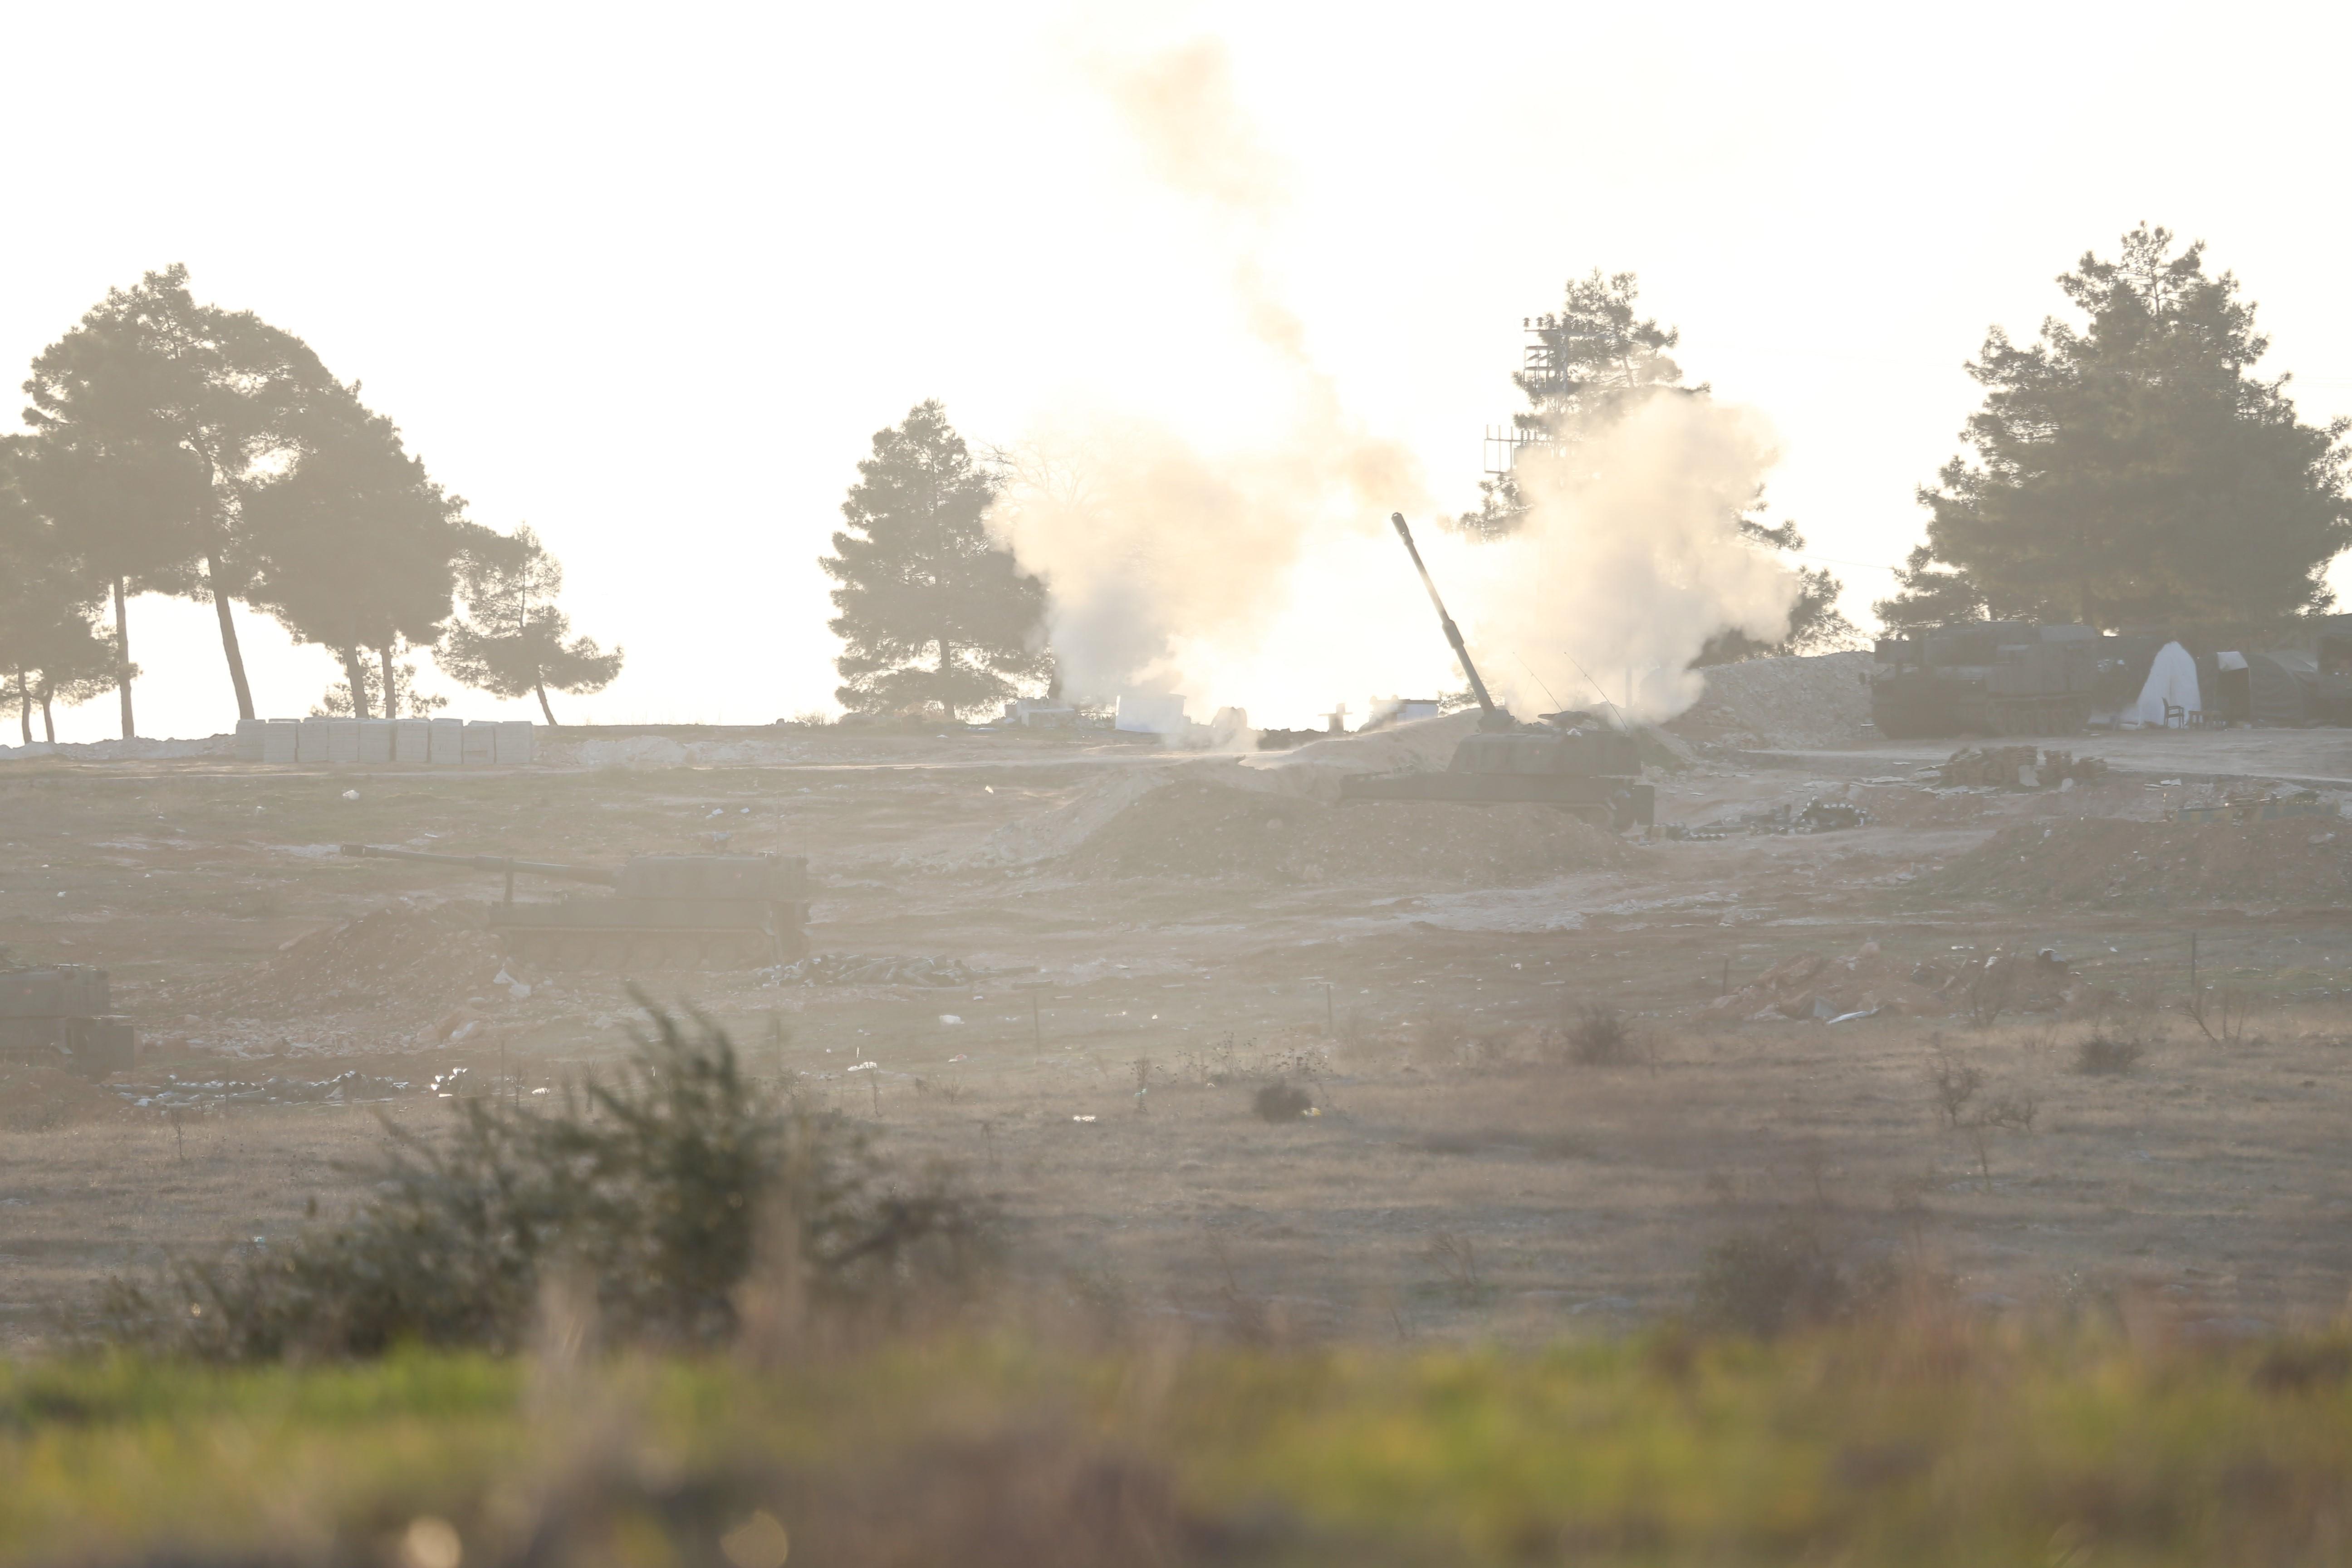 A török hadsereg egyszerre lőtte a terroristákat és a kurdokat Észak-Szíriában